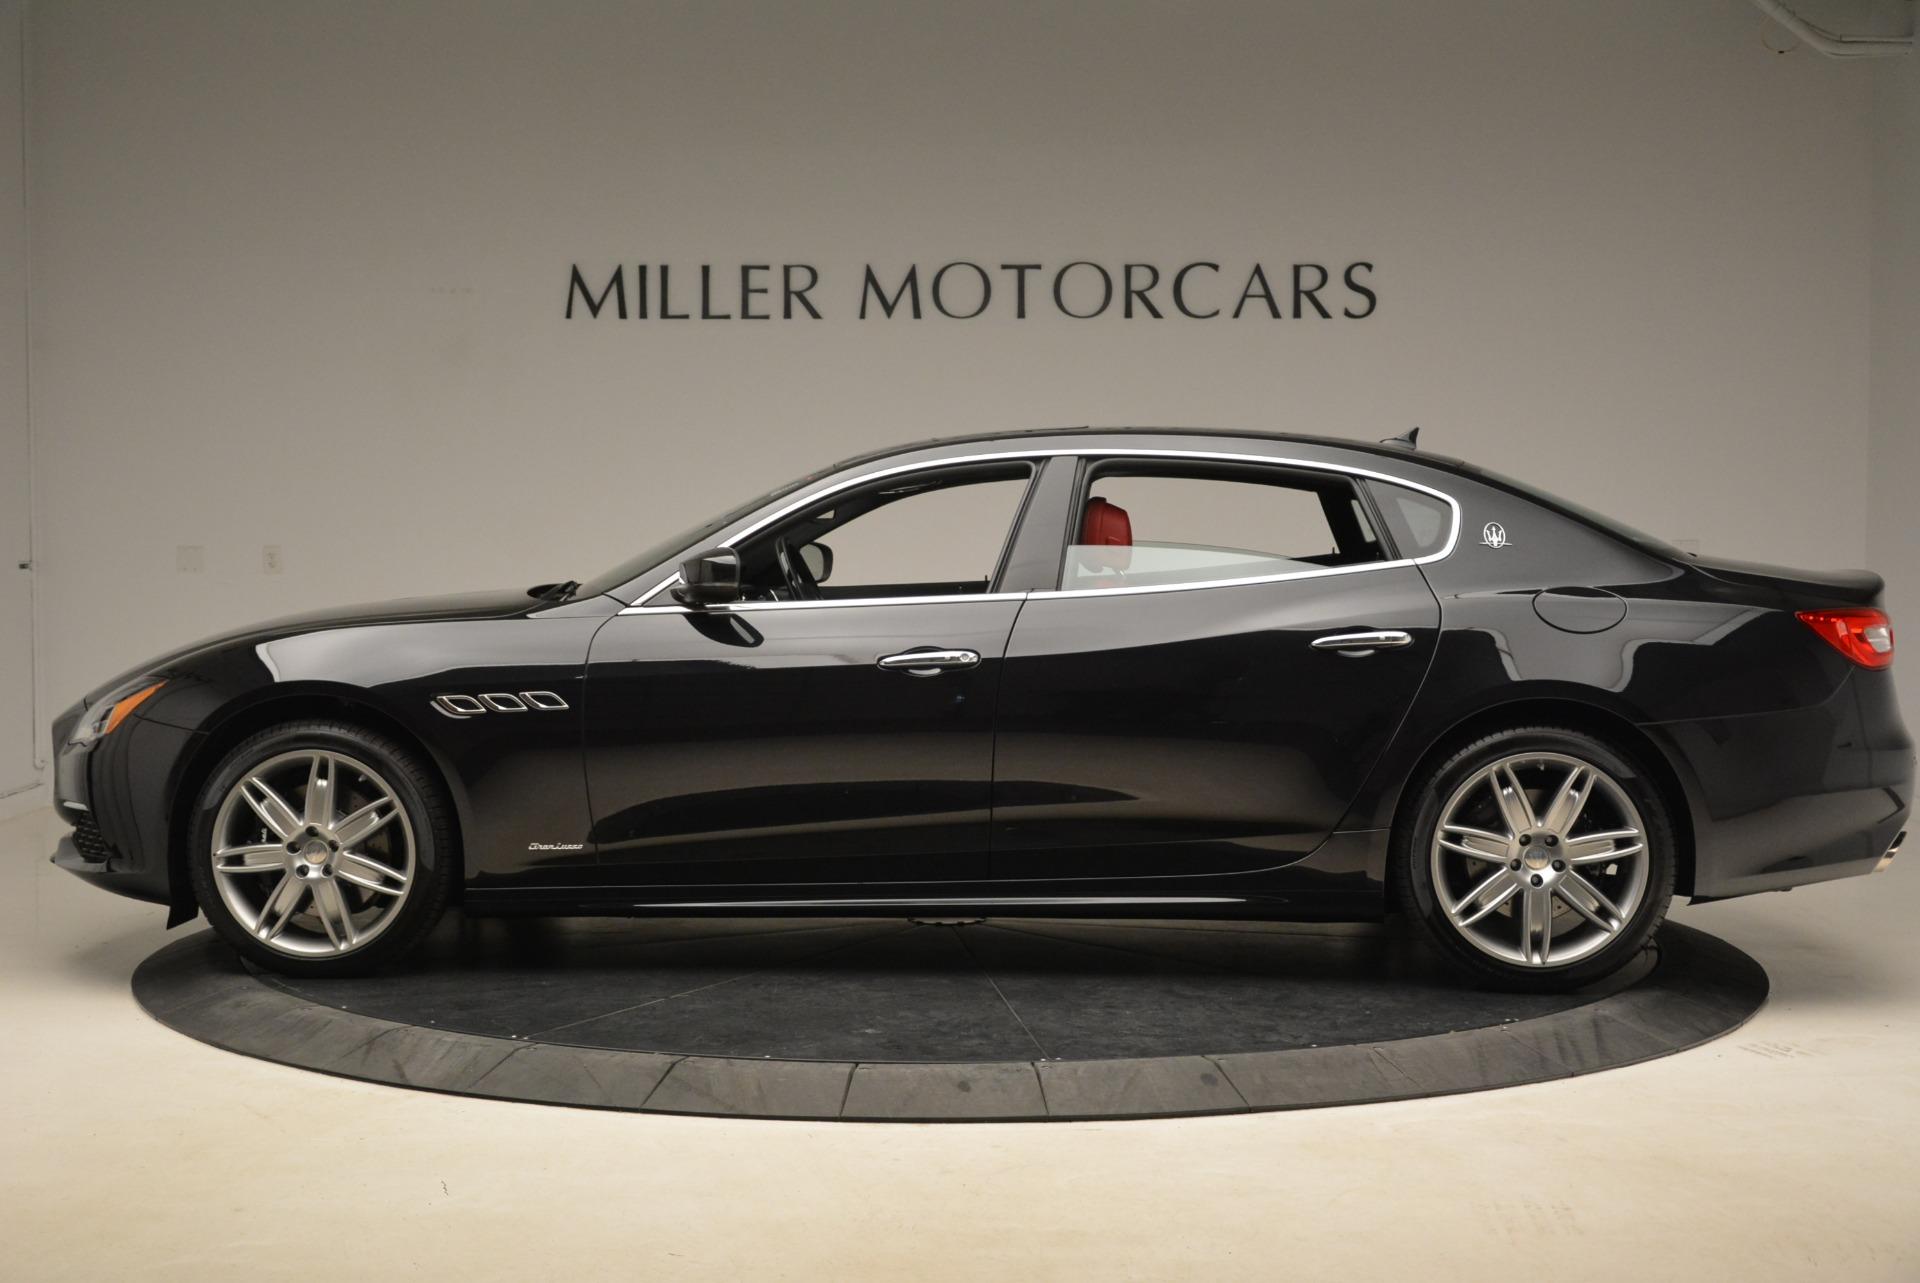 New 2018 Maserati Quattroporte S Q4 GranLusso For Sale In Westport, CT 2296_p3